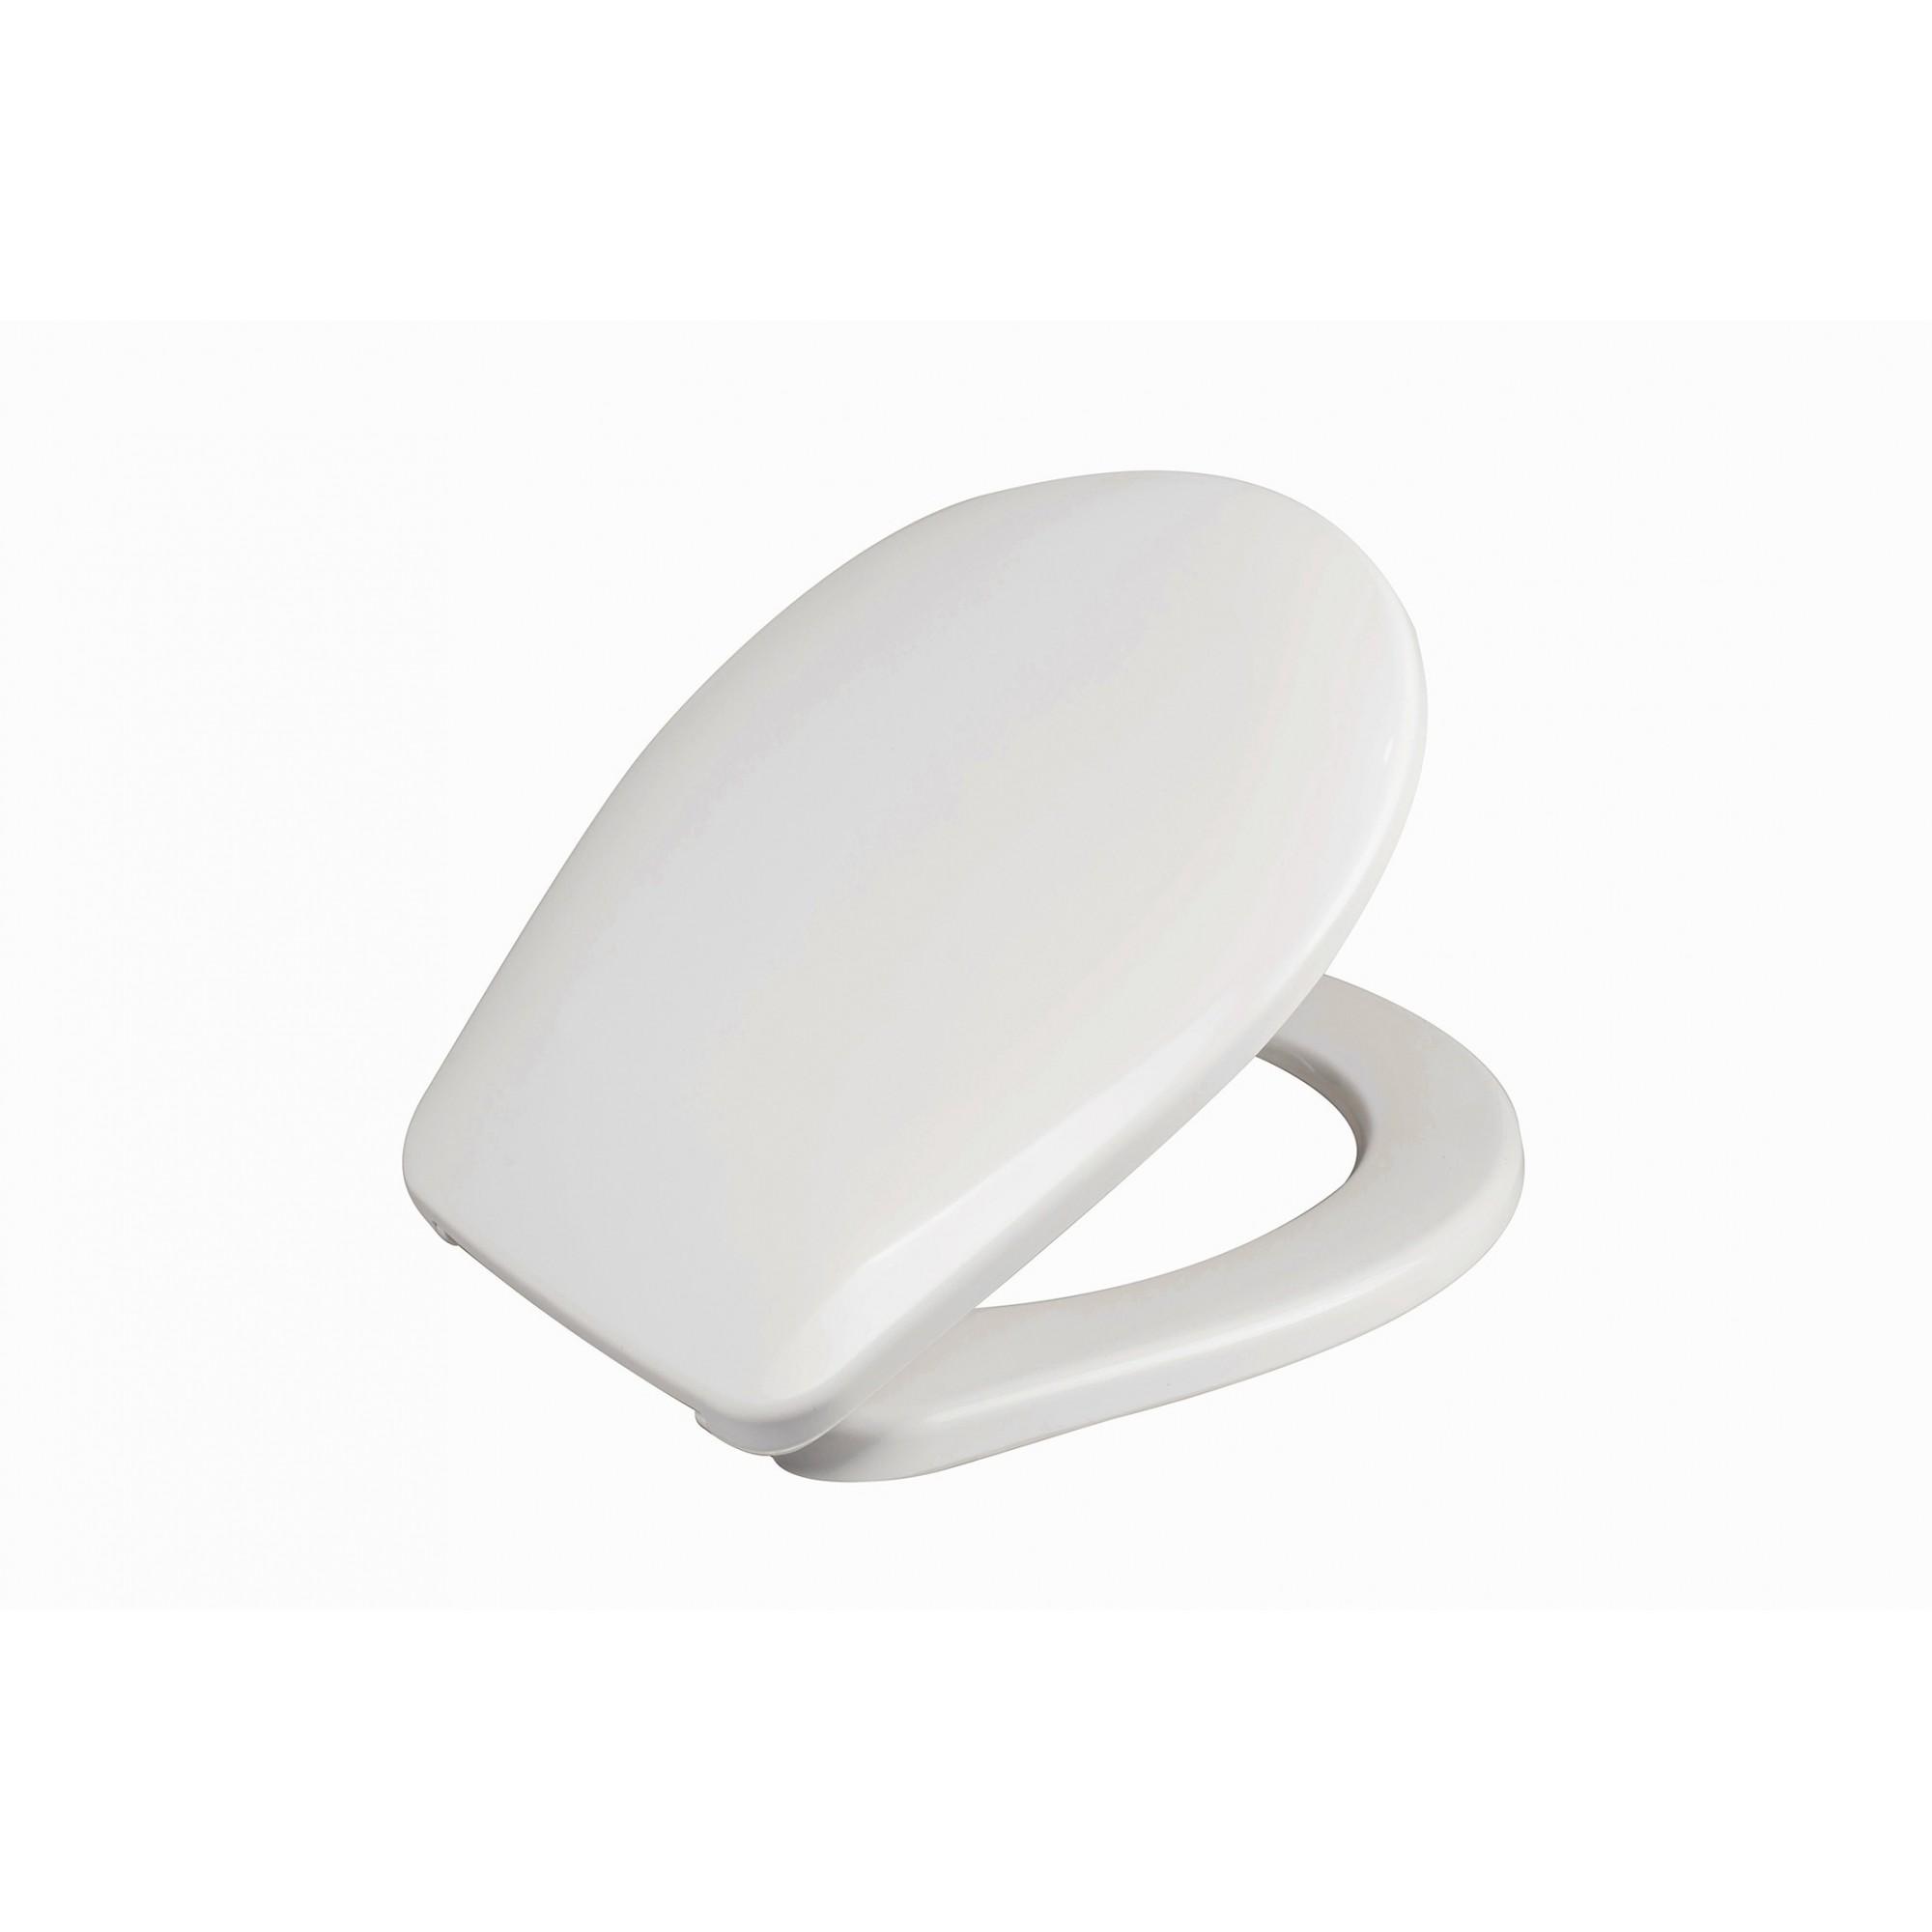 Крышка для унитаза белая SYDANIT SD 08 полиропилен